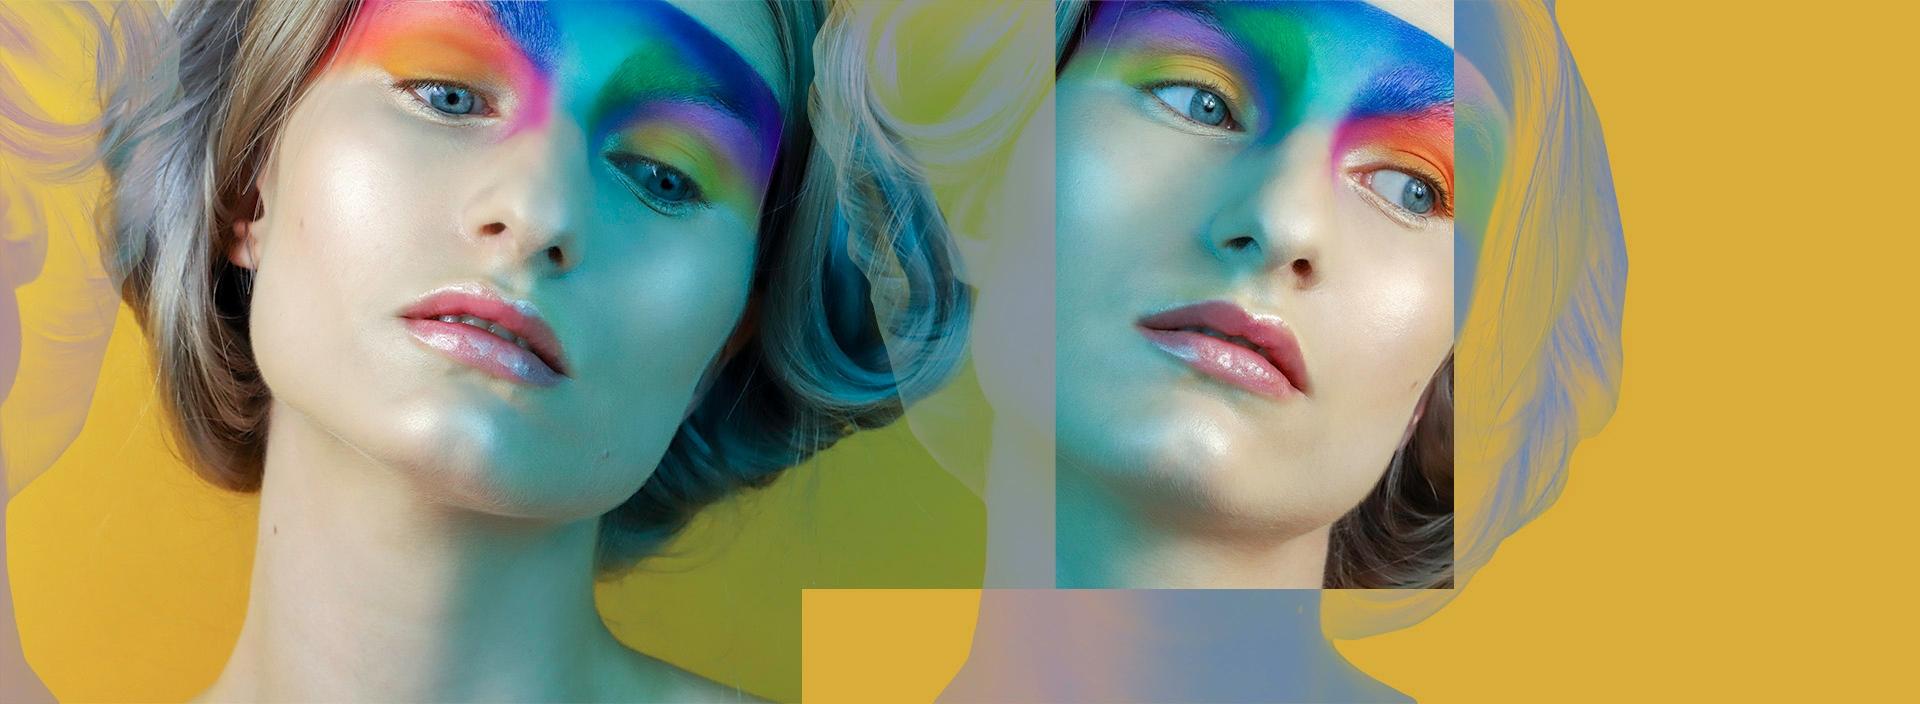 Obraz przedstawia dwie twarze kobiety w kolorowym makijażu. Portrety przeplatane są graficznymi elementami. Całość na żółtym tle.